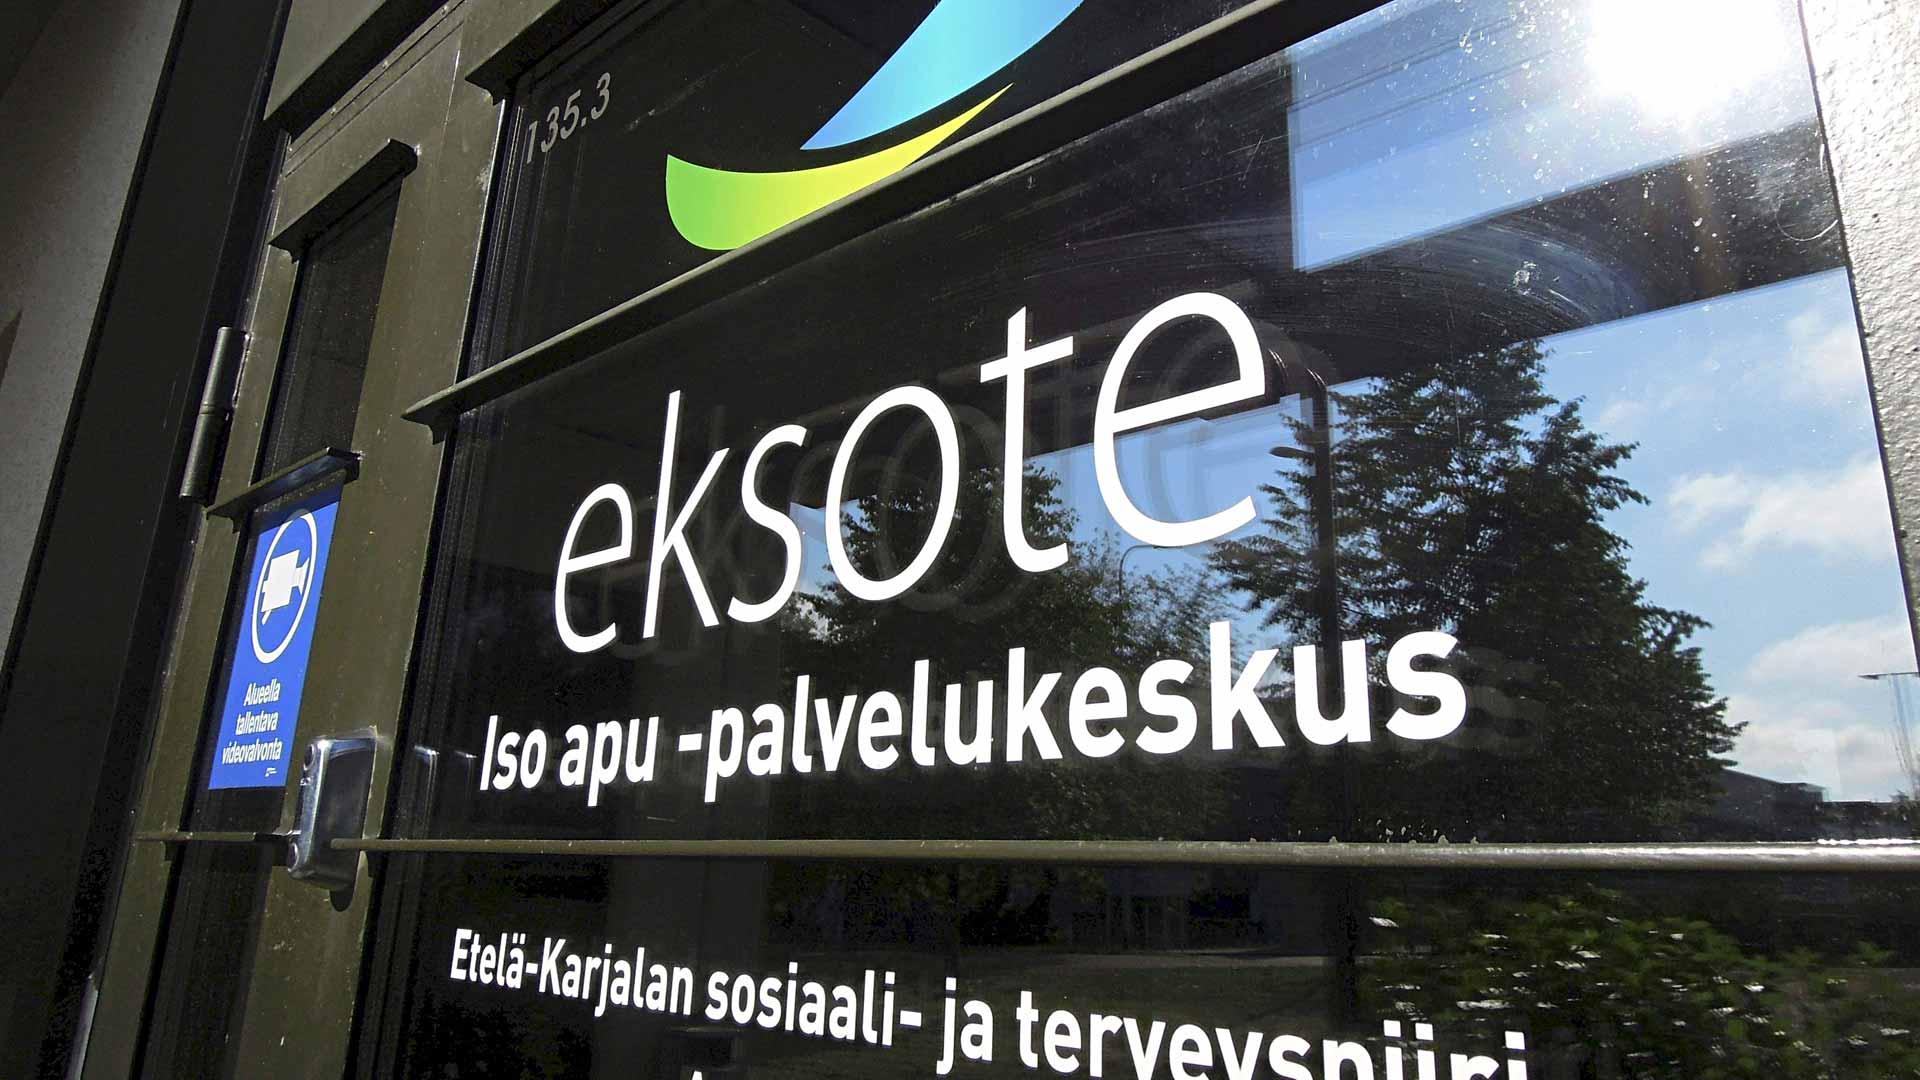 Etelä-Karjalan sosiaali- ja terveyspiiri Eksote kilpailutti alan yrittäjiä, ja päätyi käyttämään runsaasti Kajon-konsernin palveluita. Tulokset muun muassa palveluiden laadusta olivat vaihtelevia.